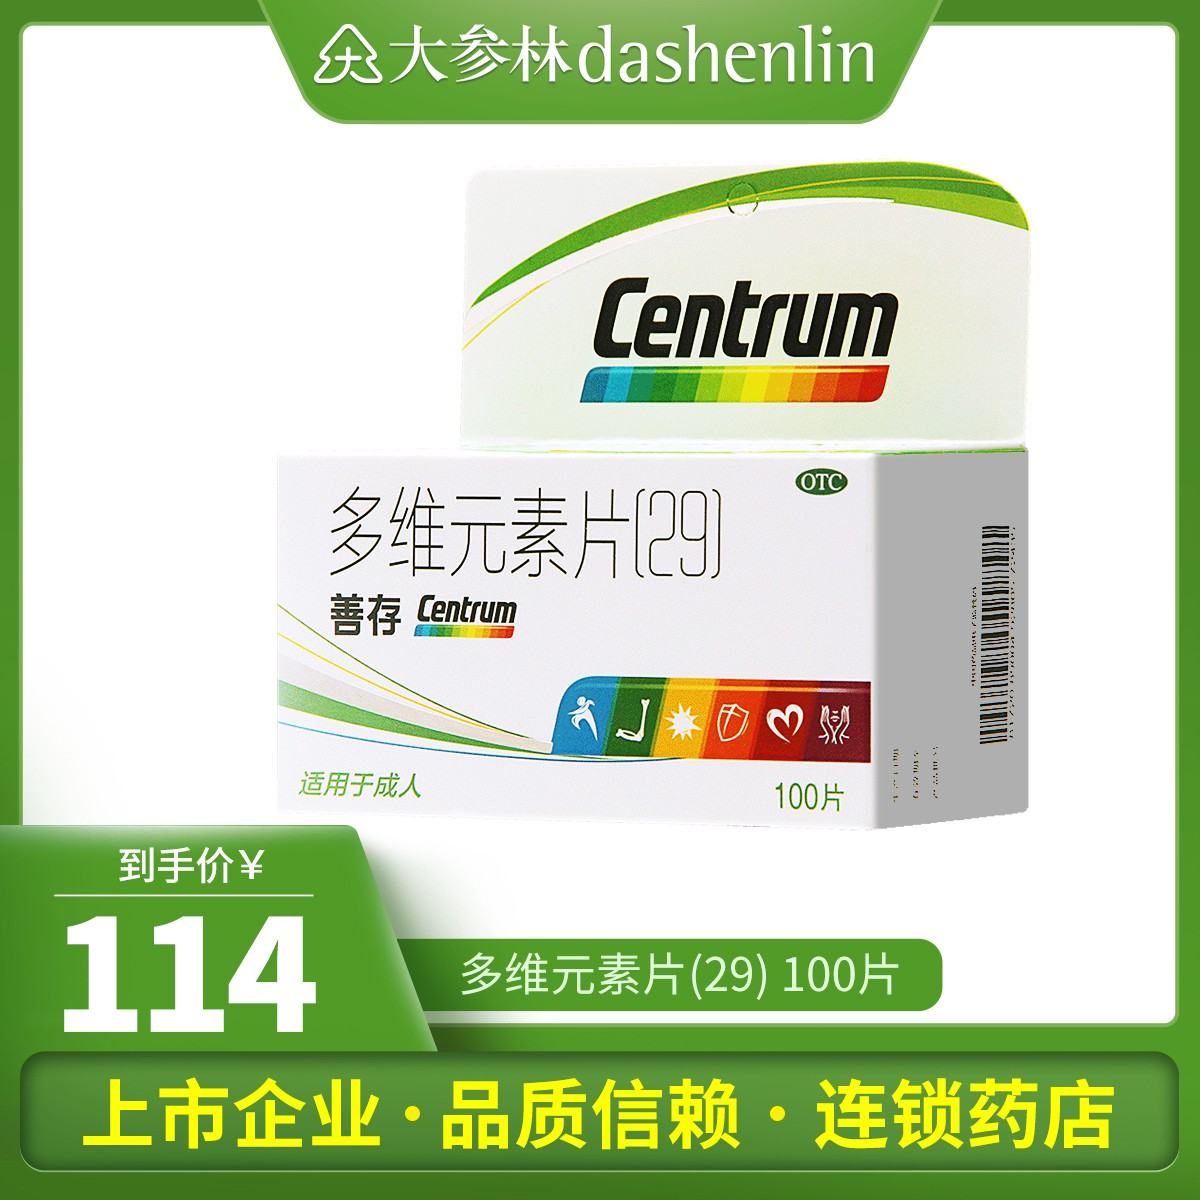 善存多维元素片(29)100片补充维生素D维C叶酸烟酰胺和微量元素